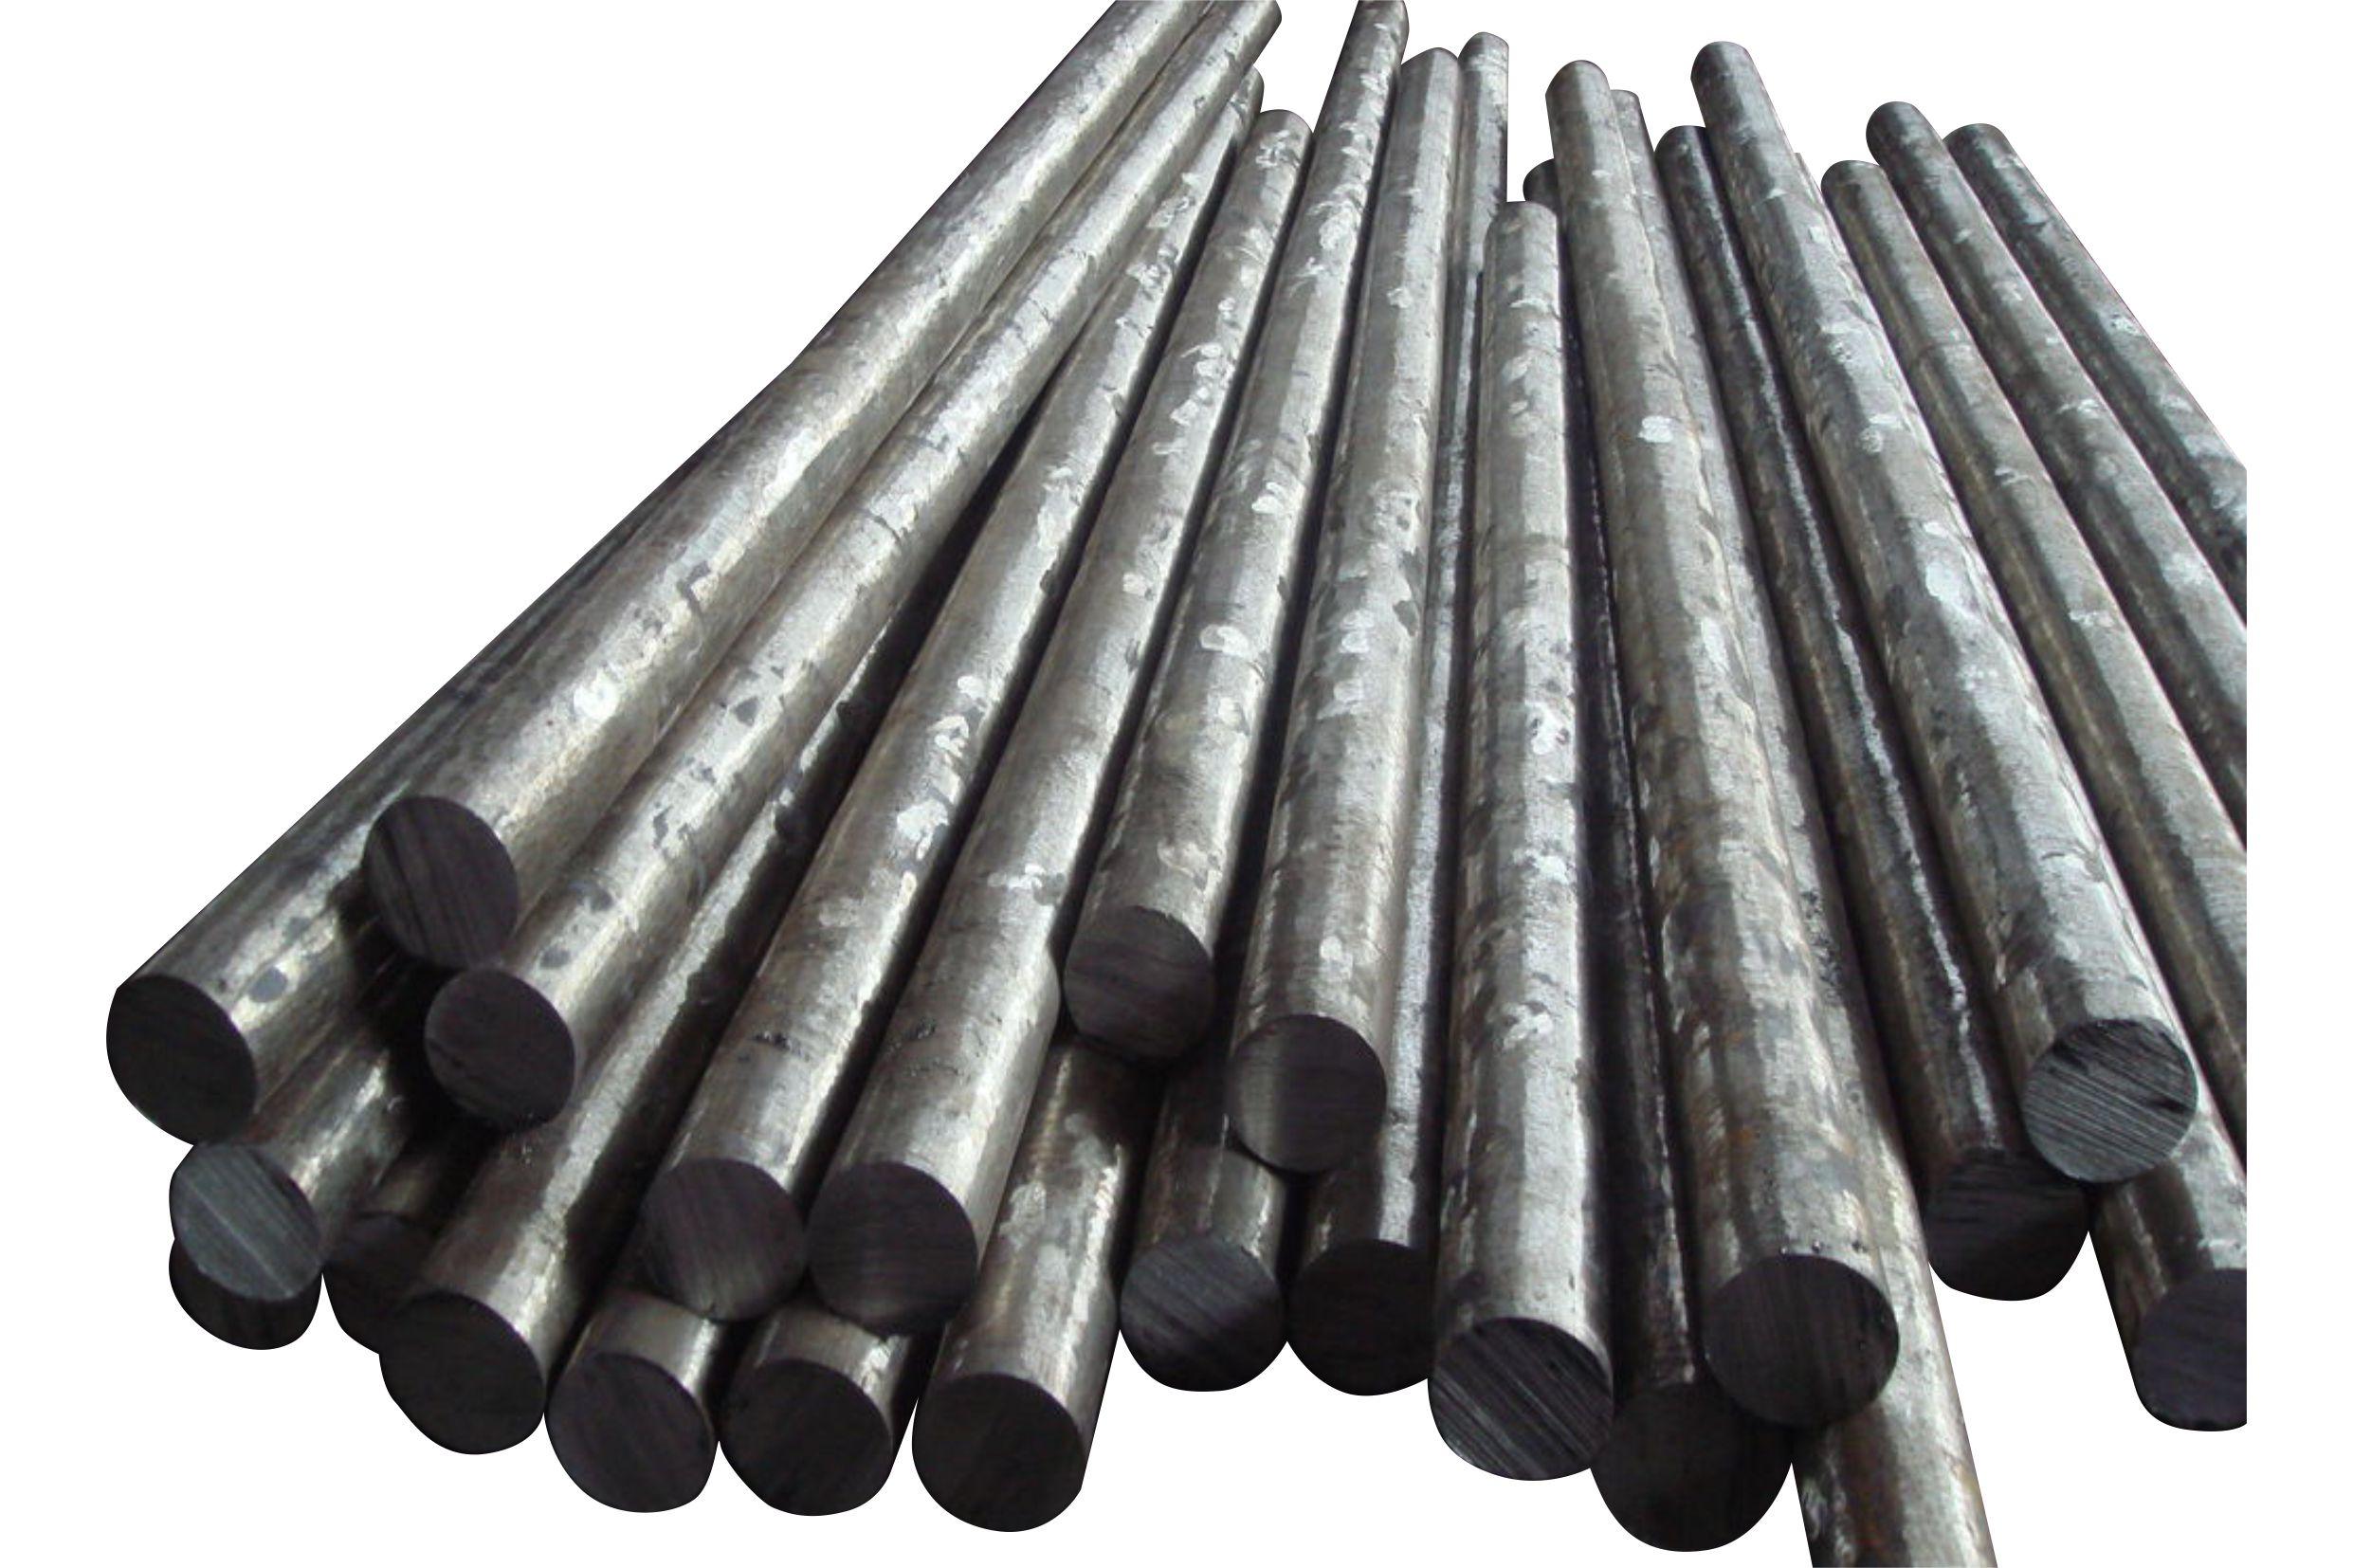 D3 Steel Hchcr D3 Die Steel D3 Tool Steel Suppliers Ventura Steels